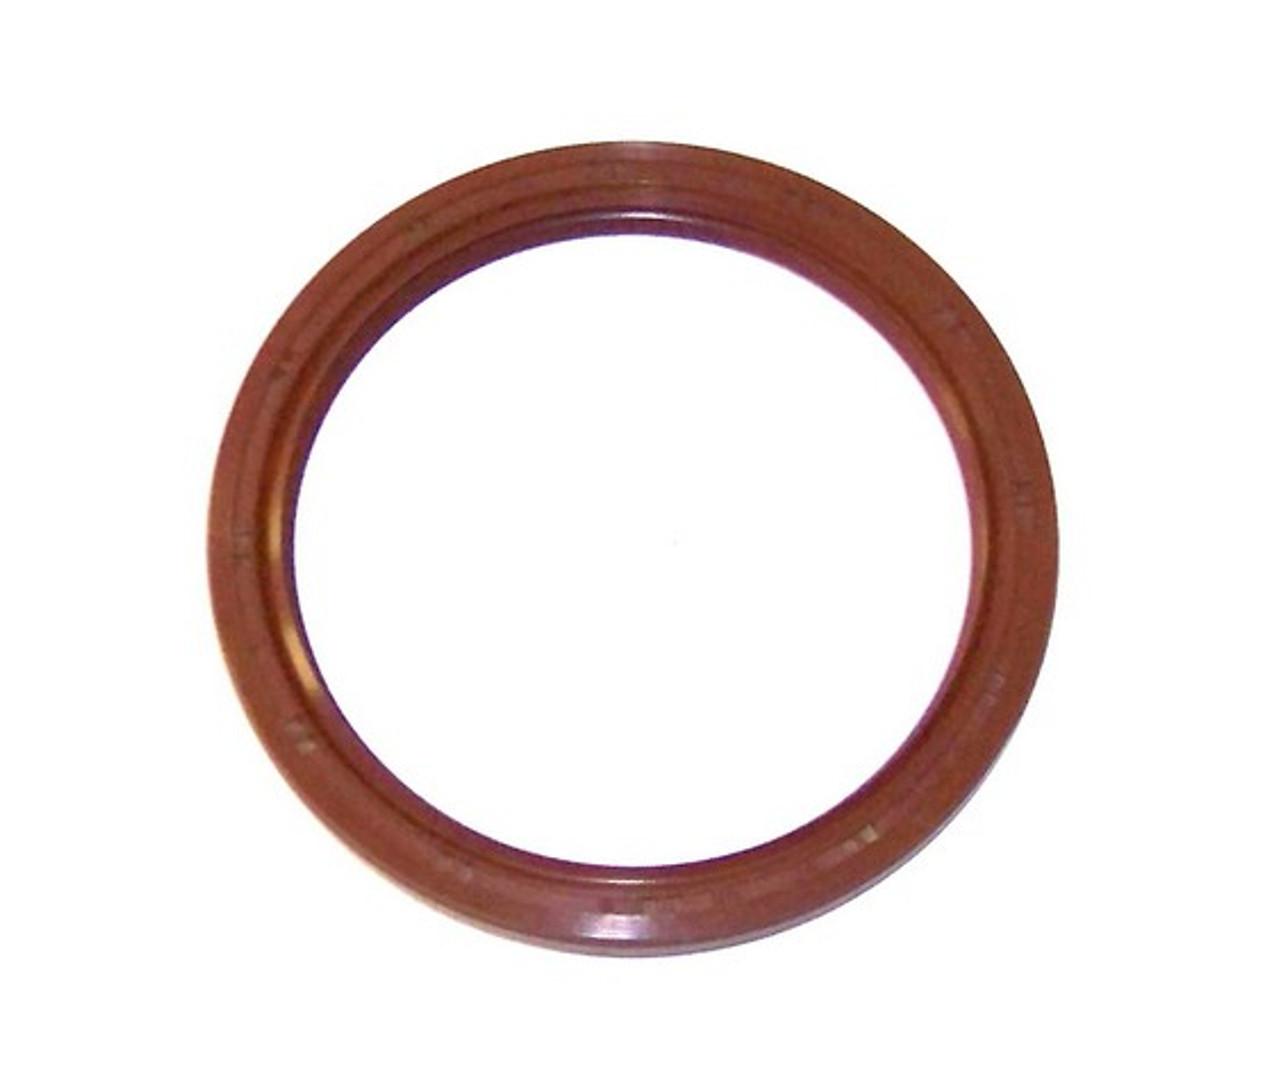 Crankshaft Seal 3.5L 2007 Acura TL - RM285.44